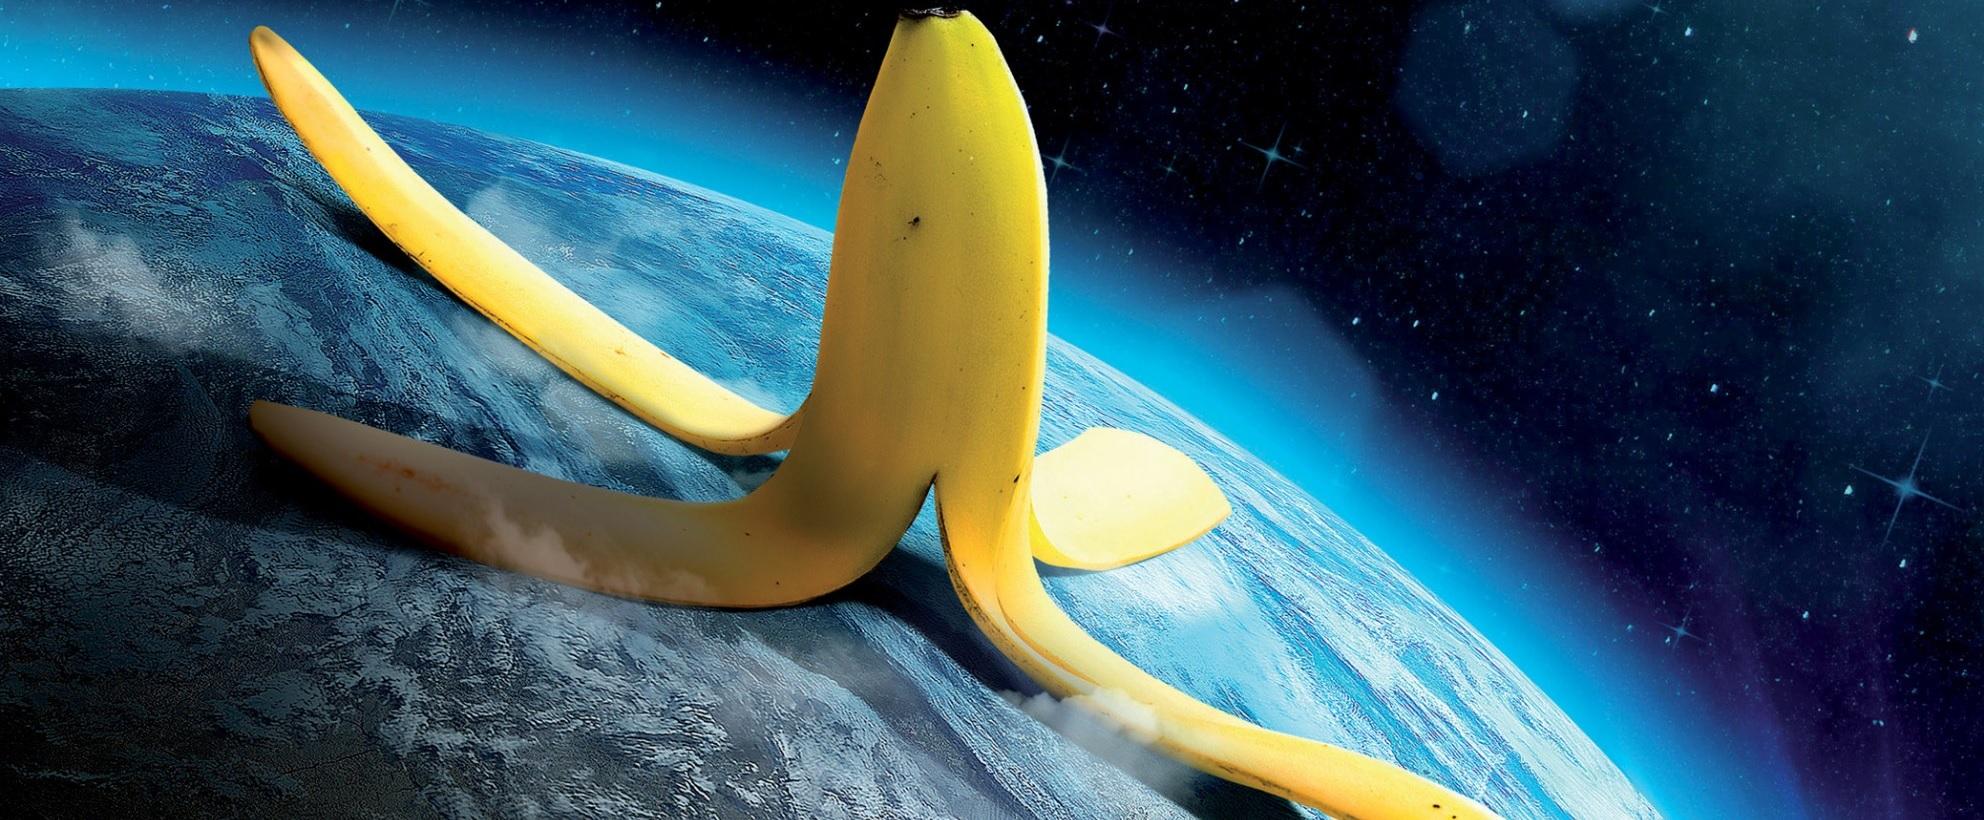 Bananaman-Teaser-Poster-slice